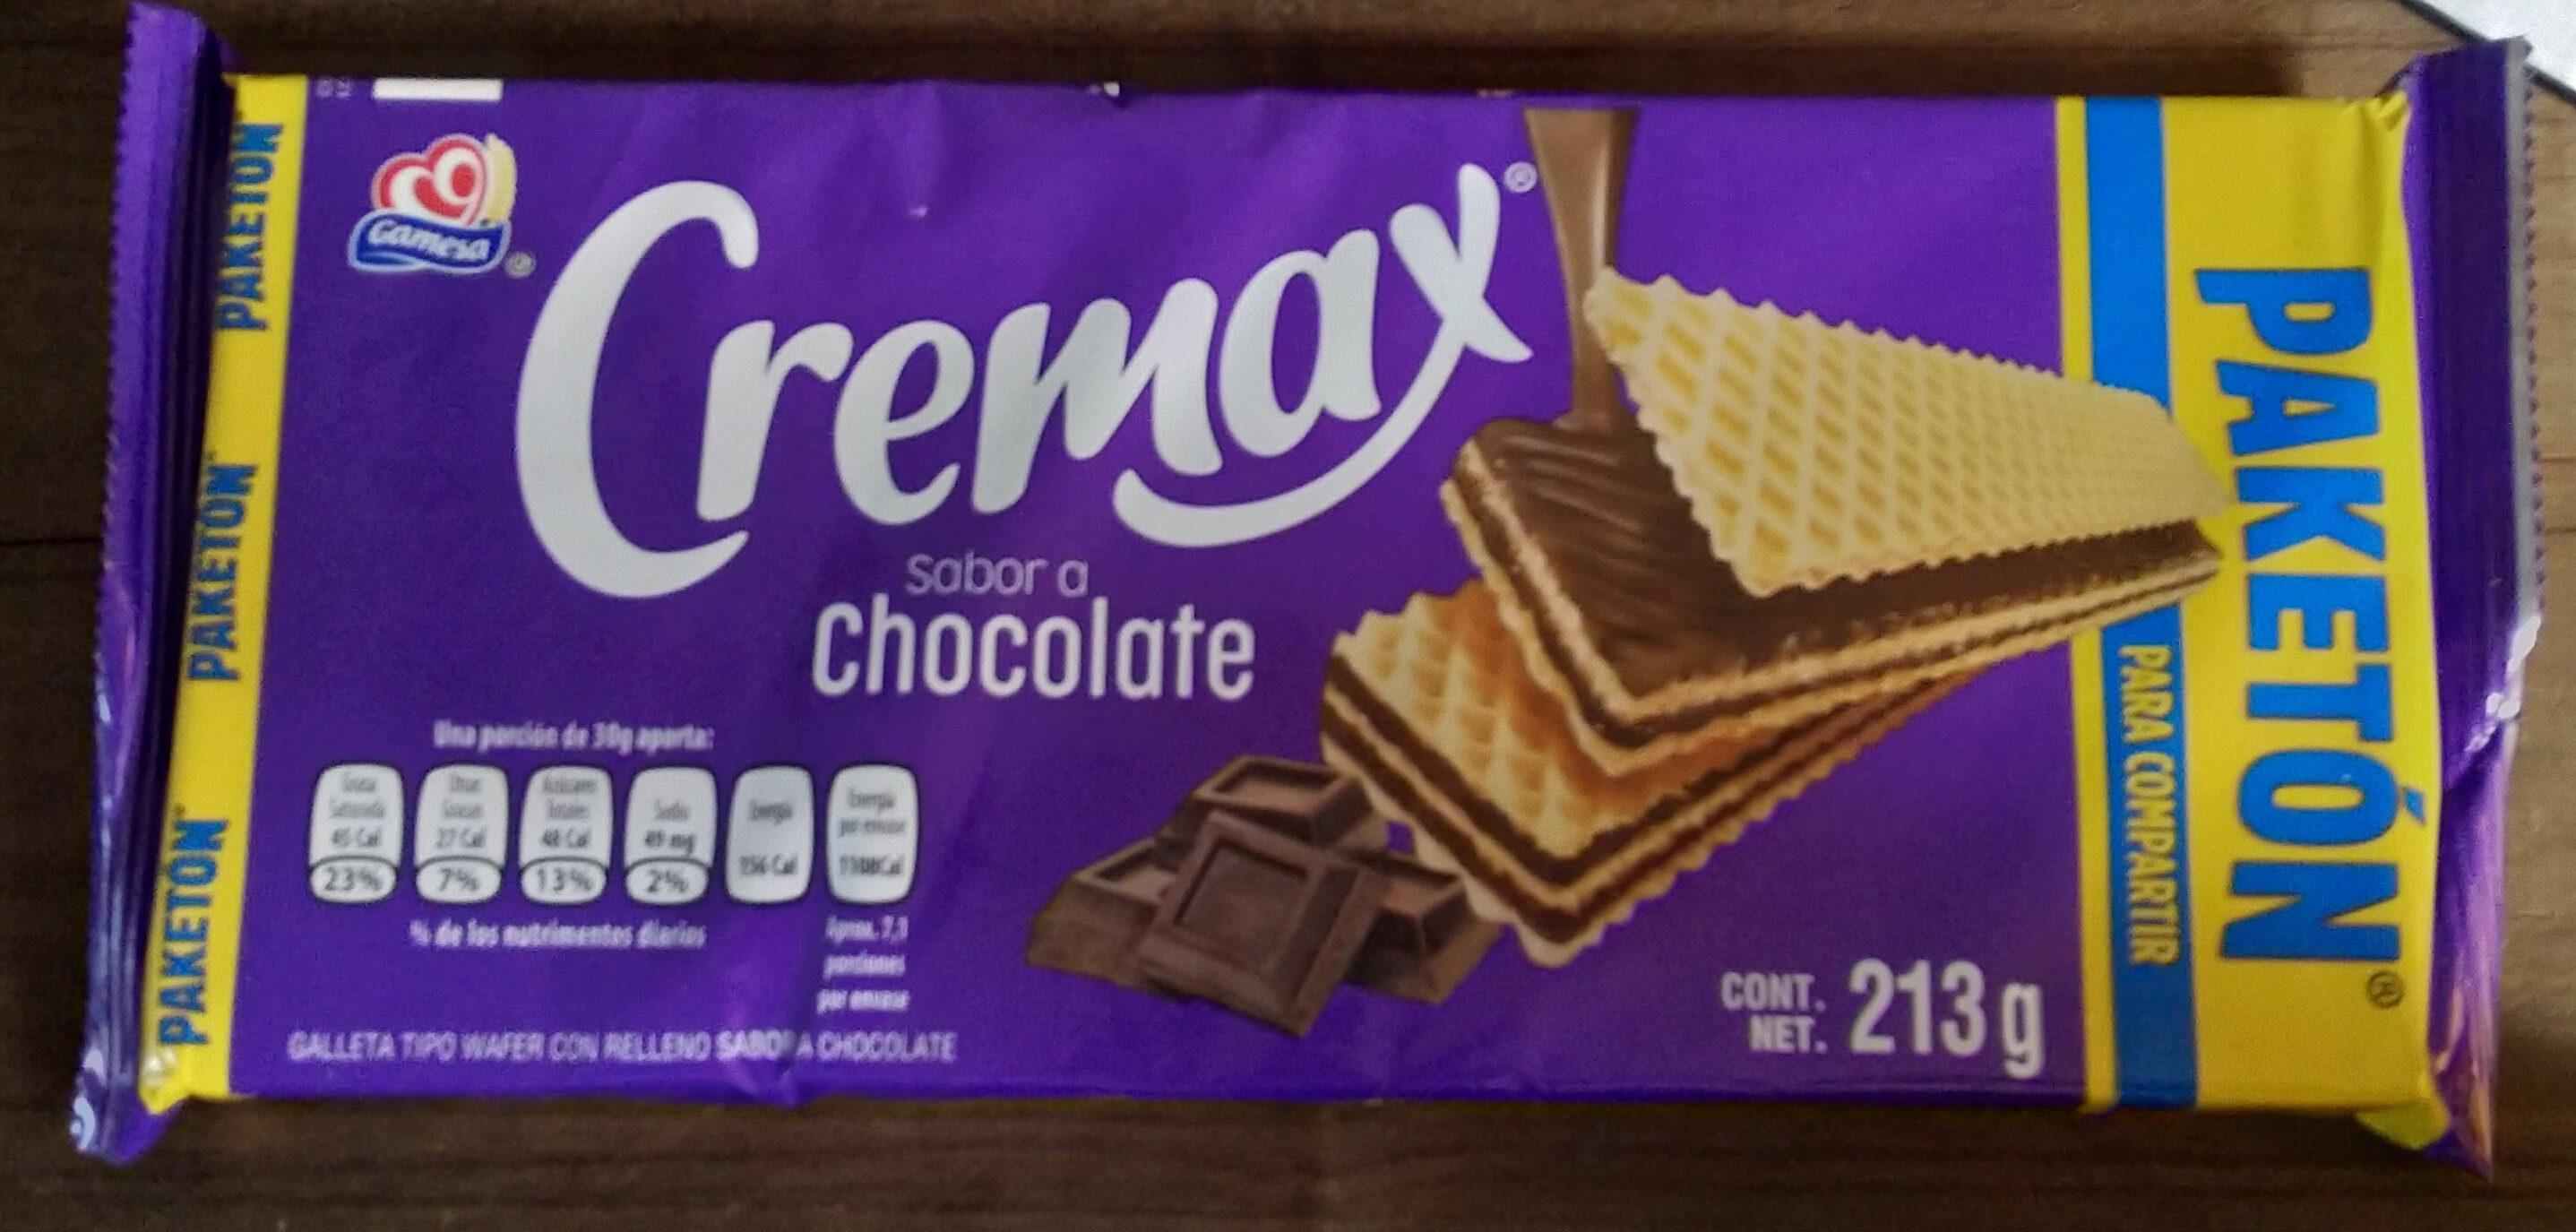 Cremax sabor a chocolate - Producto - es